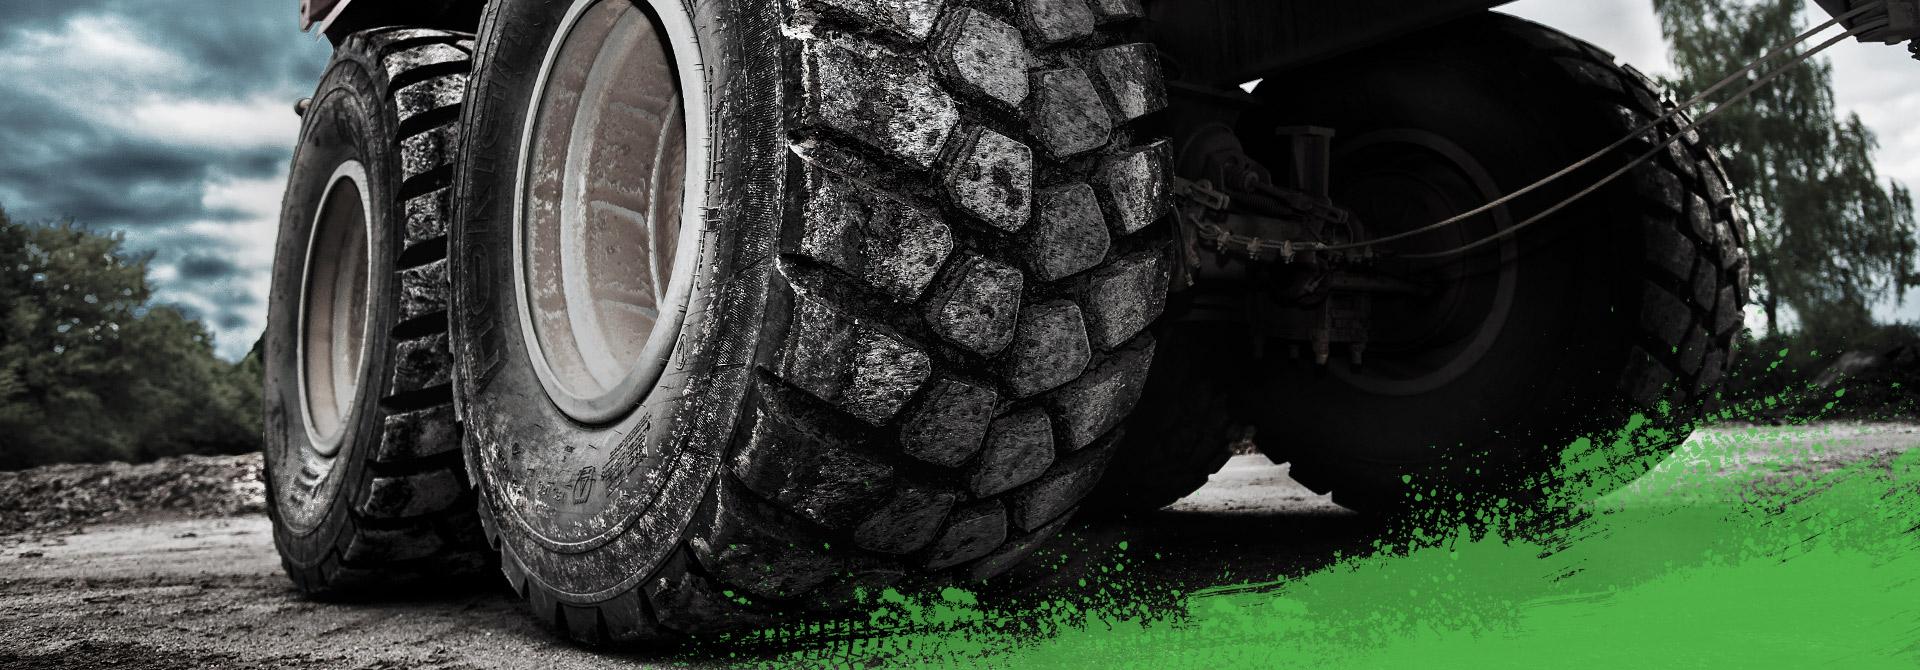 Schaktning- och vägunderhåll   Nokian Heavy Tyres e448b933e4a0e